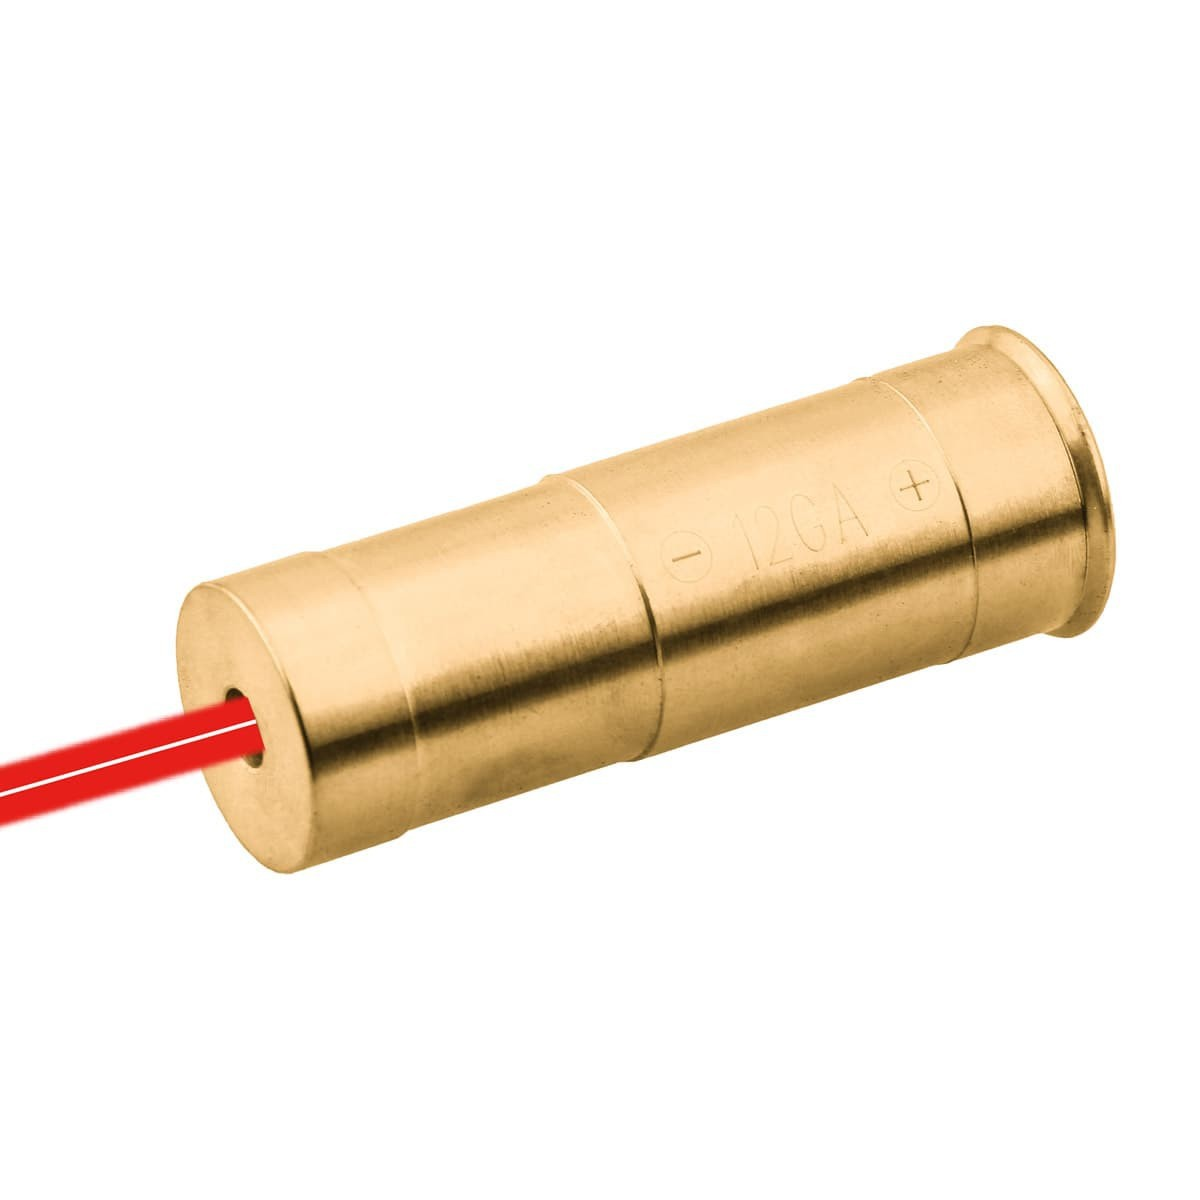 Colimador Para Calibre 12GA - Modelo SCBCR-02